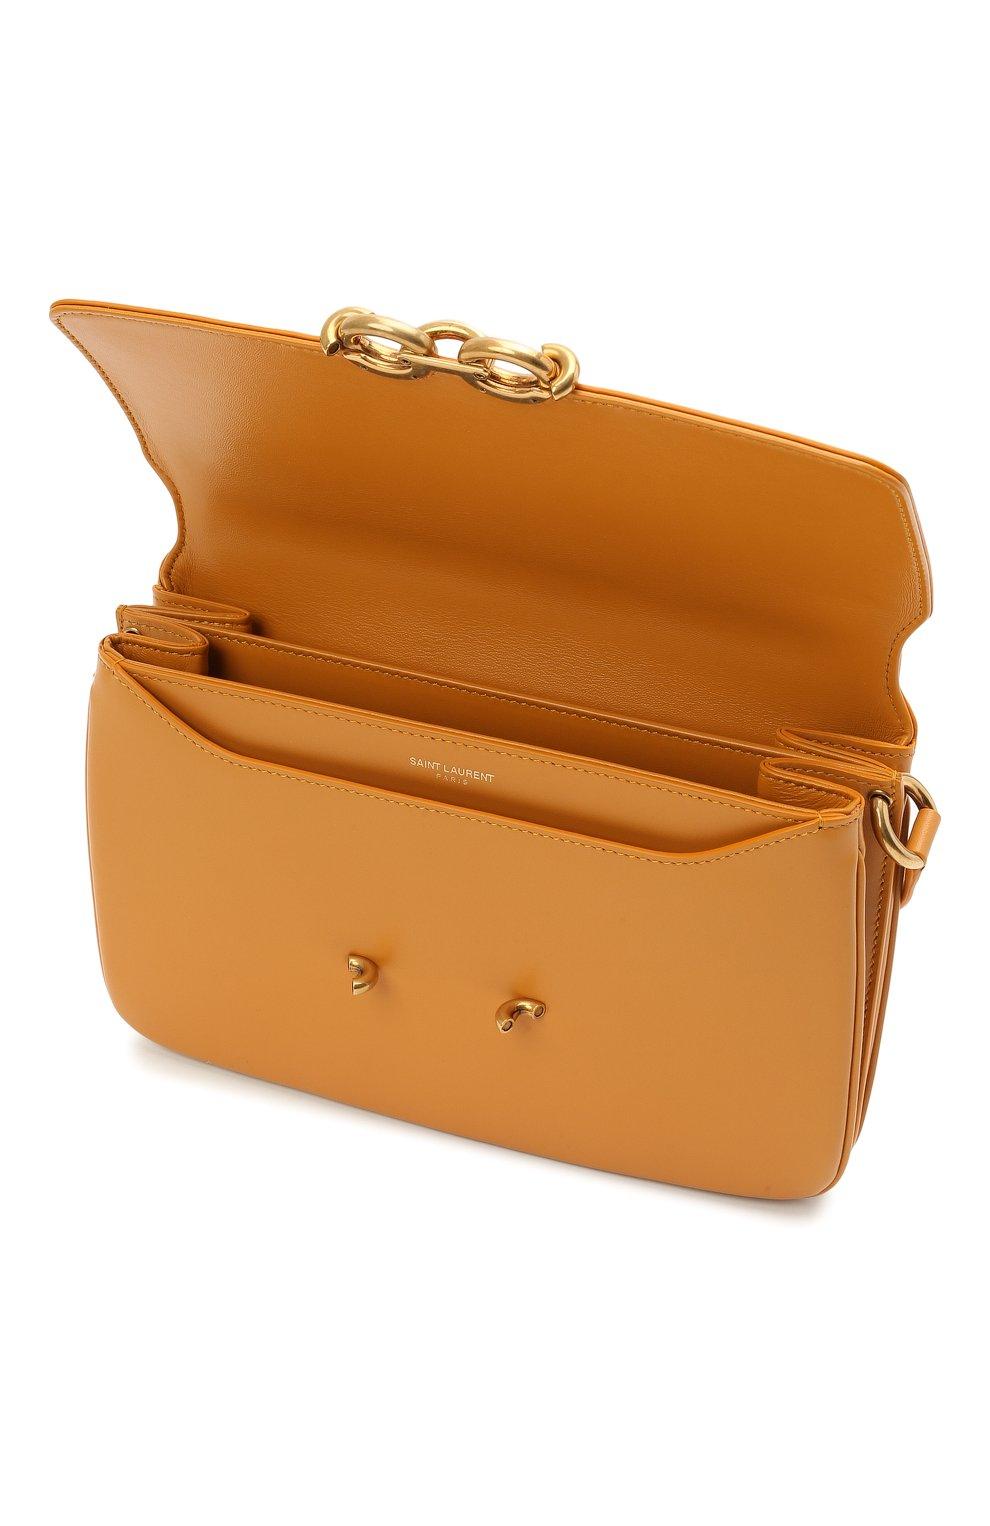 Женская сумка maillon SAINT LAURENT желтого цвета, арт. 649795/2R20W | Фото 4 (Сумки-технические: Сумки через плечо; Материал: Натуральная кожа; Ремень/цепочка: На ремешке; Размер: small)